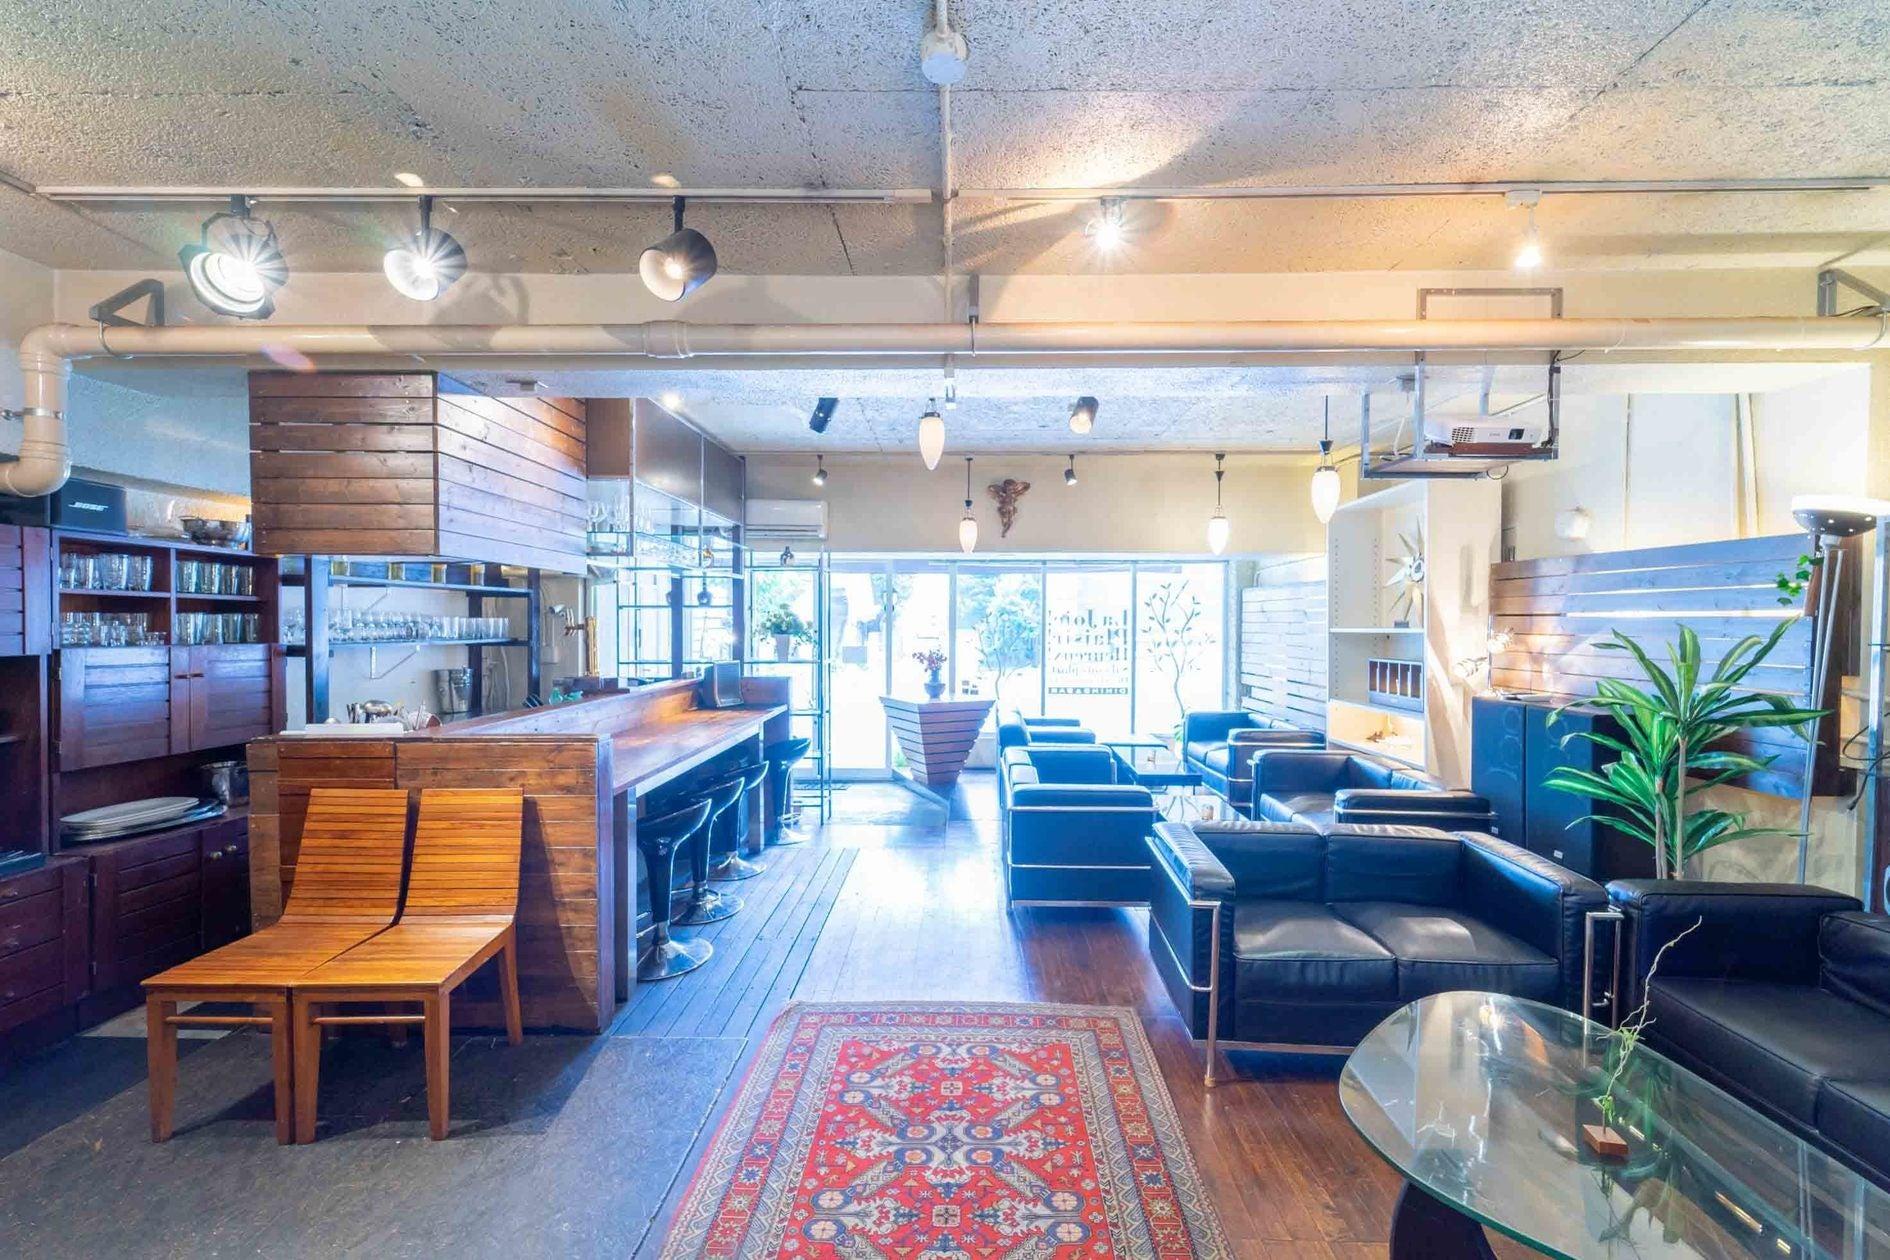 【新宿 四谷】各種イベント、パーティーに人気です。2~40名様迄。オープンキッチン、グランドピアノもあります。 のサムネイル